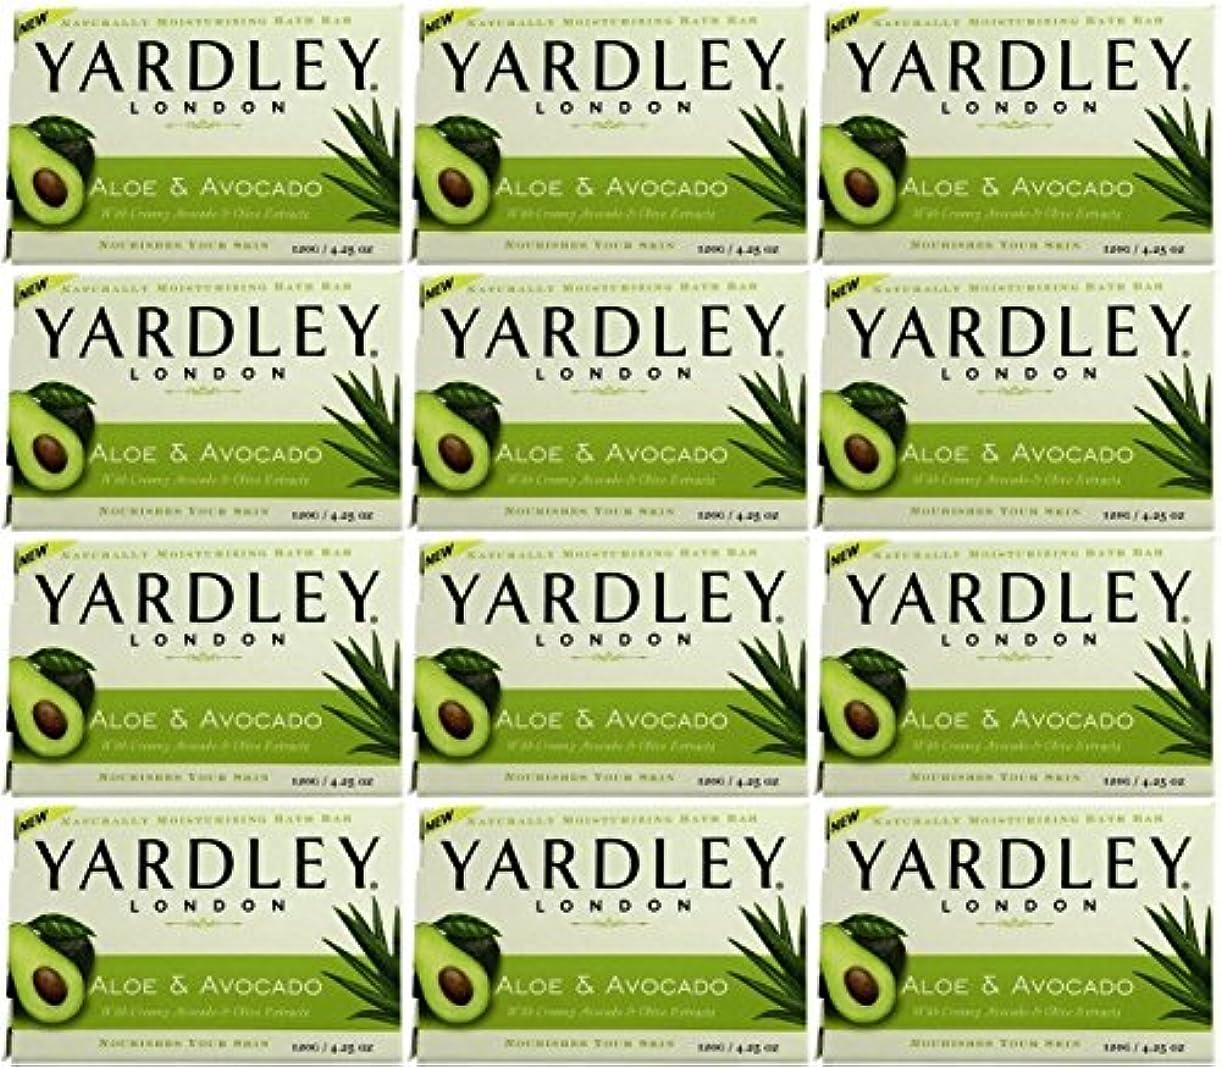 うがいカーフ地上のYardley ロンドンアロエアボカド当然のことながら保湿入浴バー4.25オズ(12パック) 12のパック ヌル